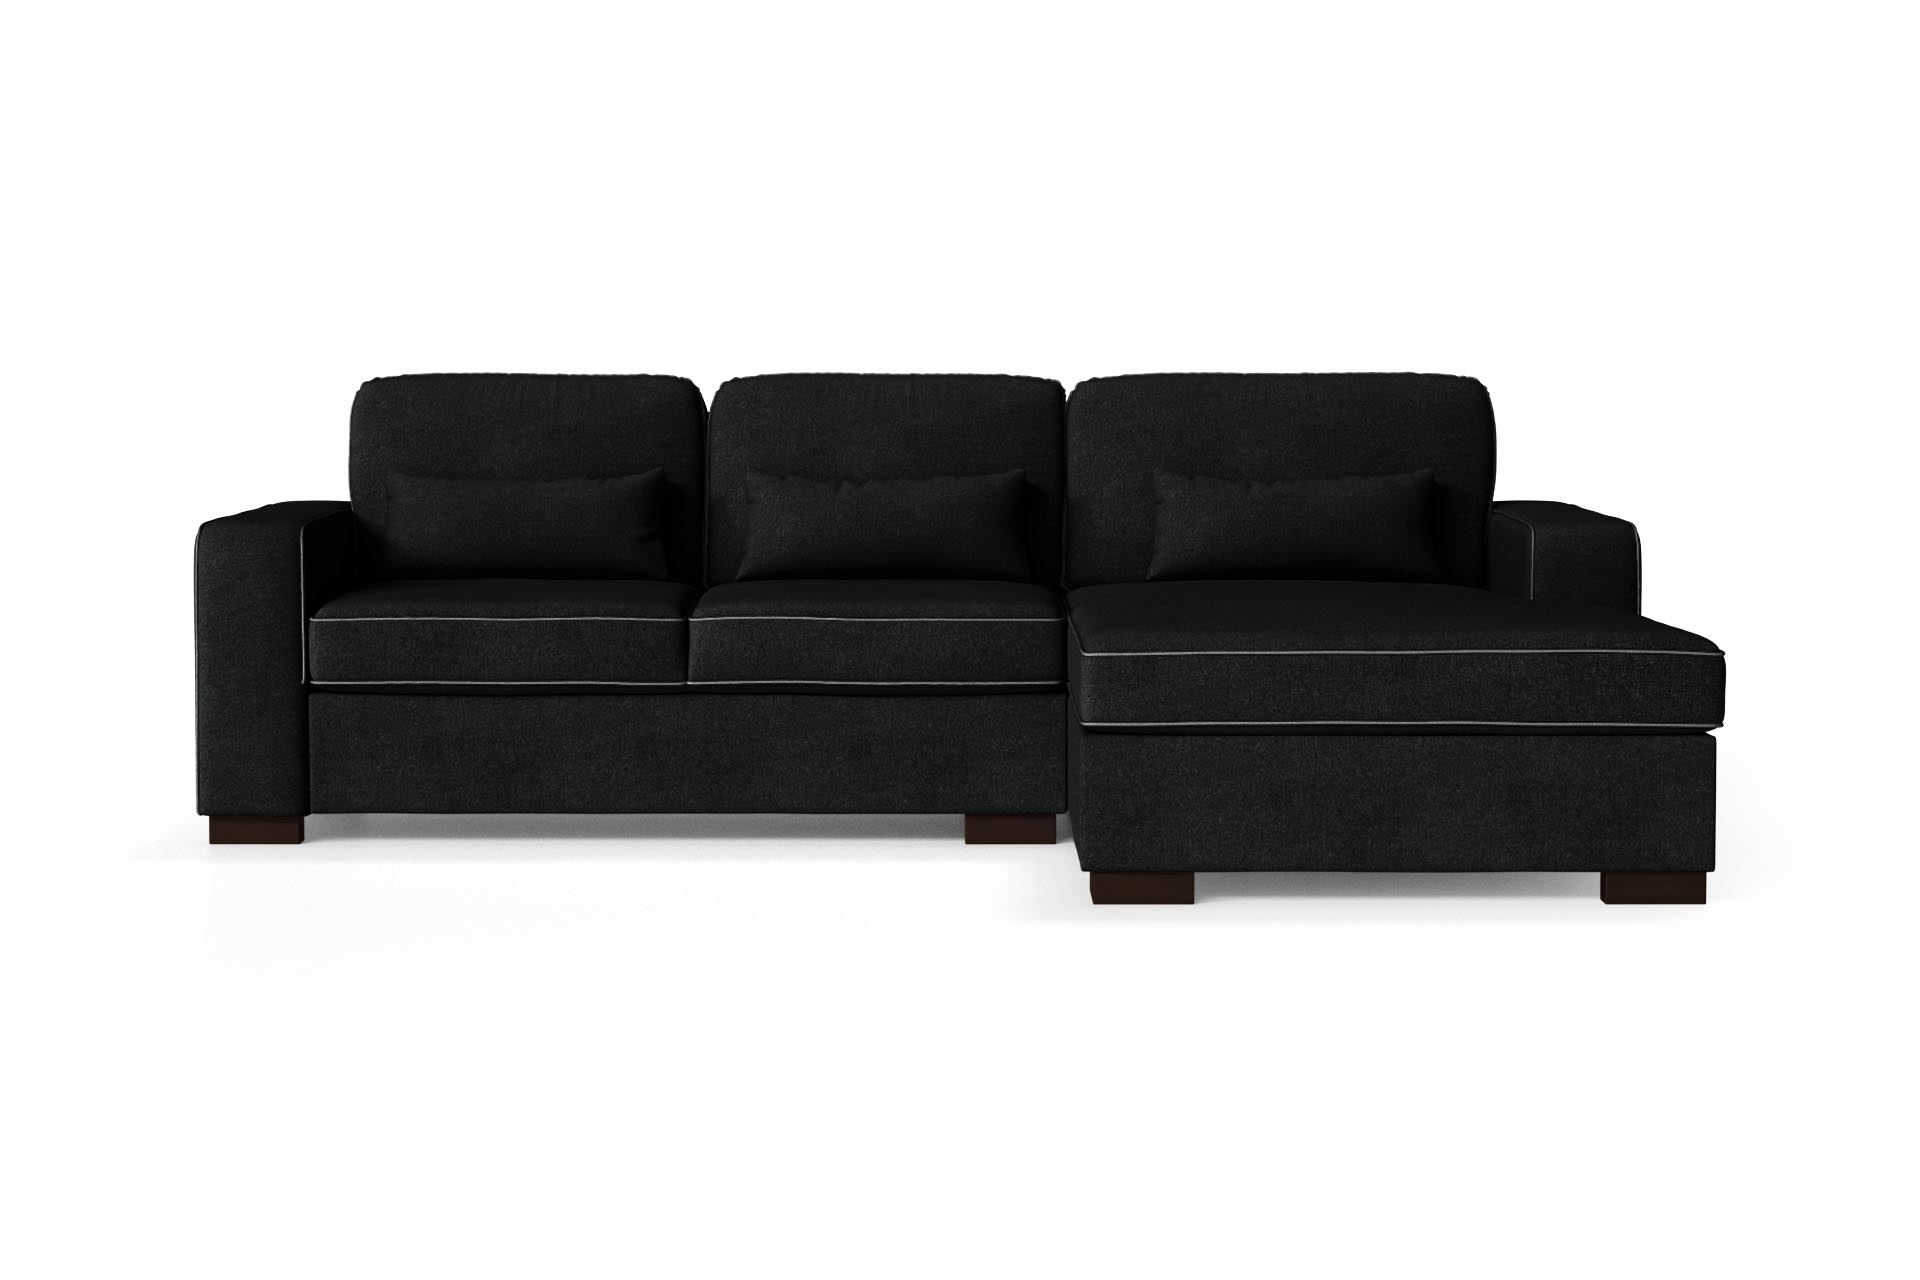 Canapé d'angle droit 4 places toucher coton noir/anthracite